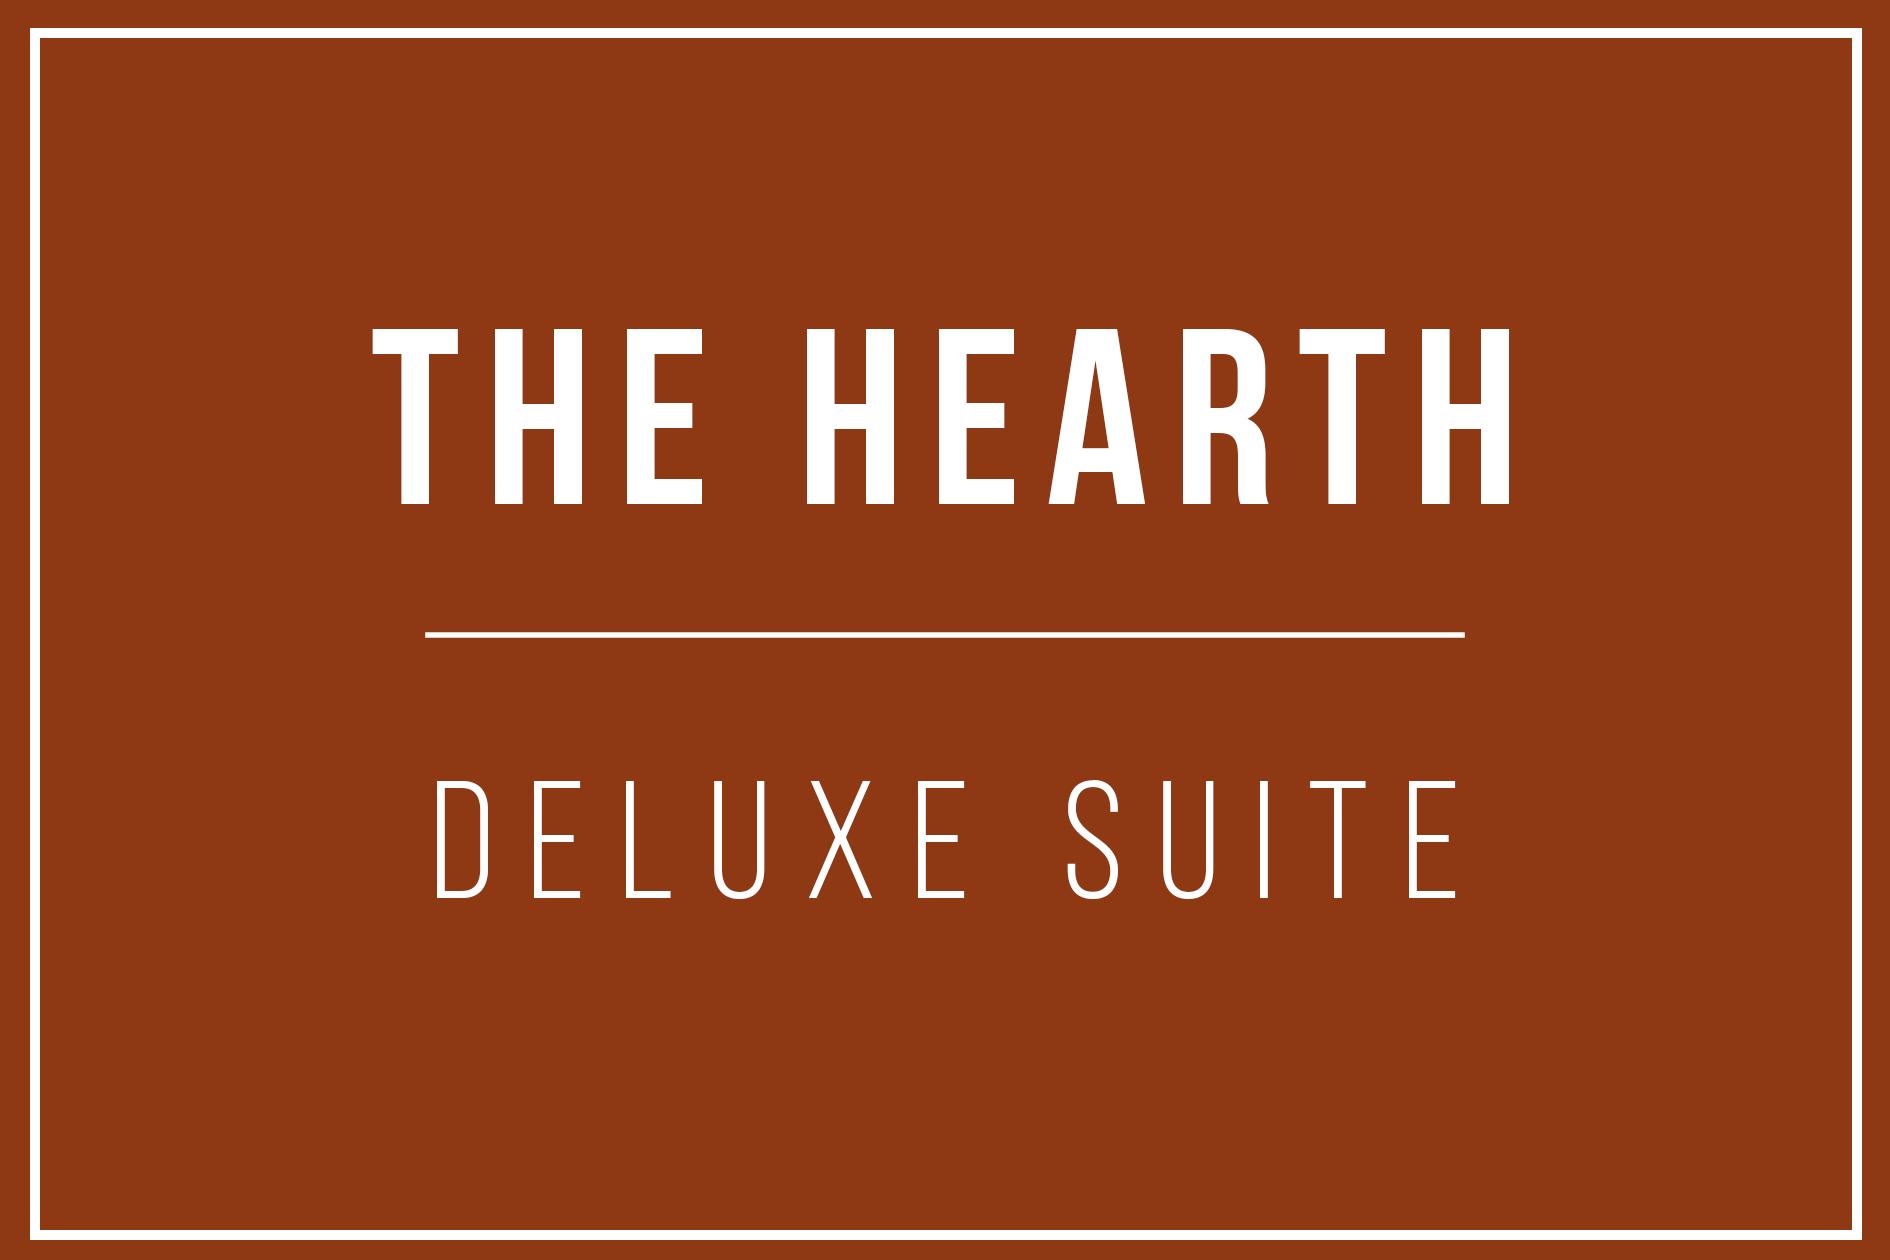 aya-kapadokya-hearth-deluxe-suite-header-0001